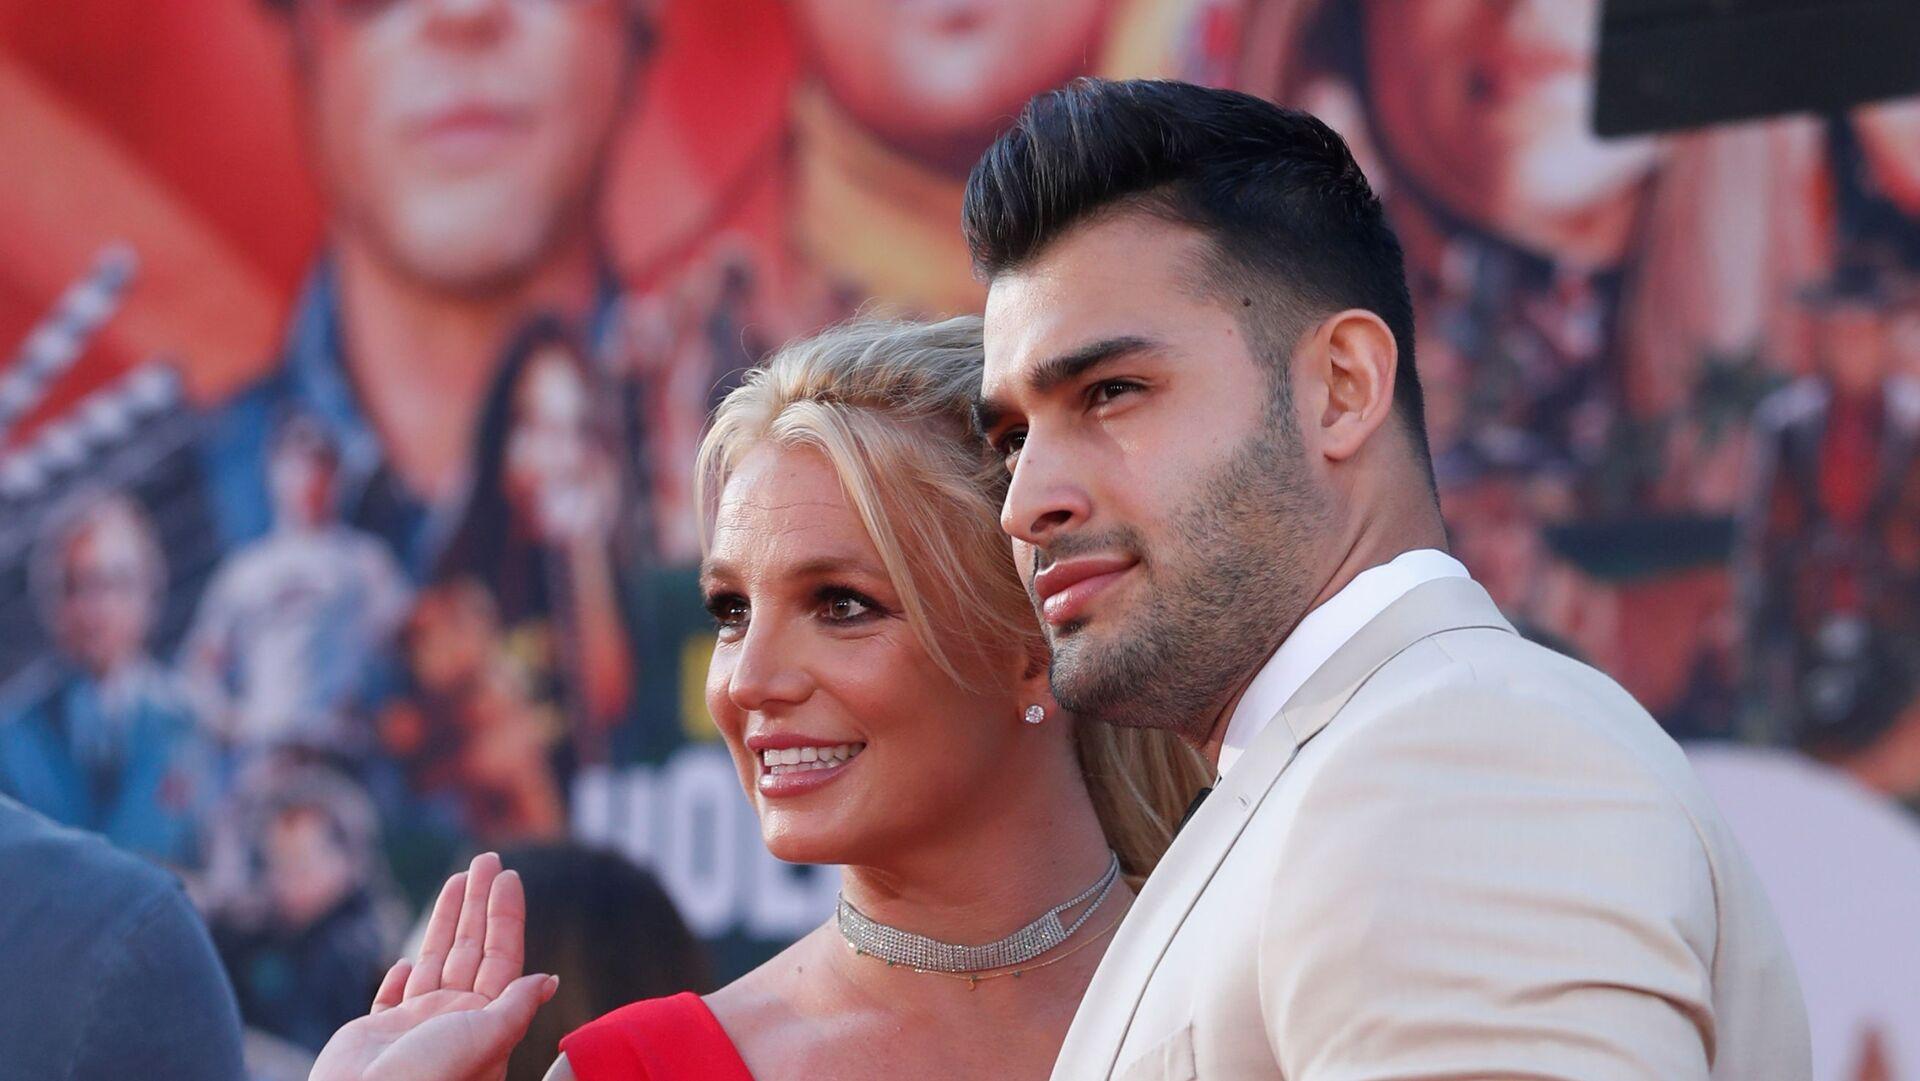 Americká zpěvačka Britney Spears se svým přítelem Samem Asgharim - Sputnik Česká republika, 1920, 13.09.2021